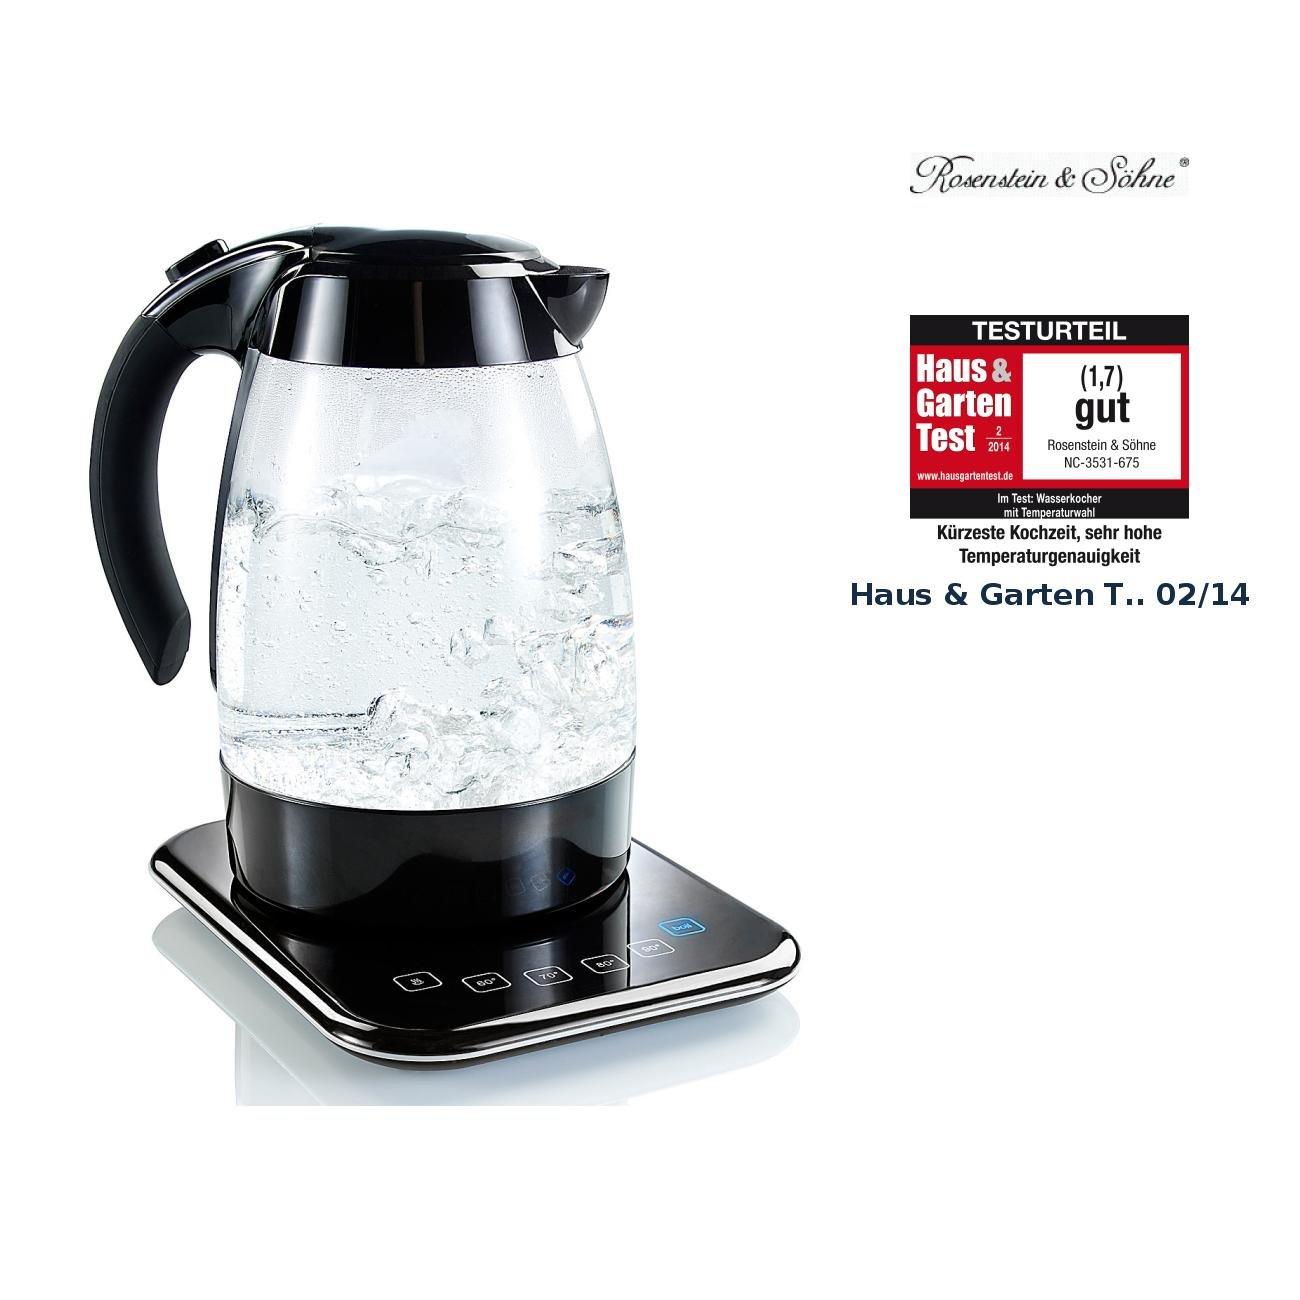 Rosenstein Sohne Wasserkocher Thermostat Glas Wasserkocher Wsk 400 Tmp Mit Temperaturwahl Wasserkocher Mit Temperatur